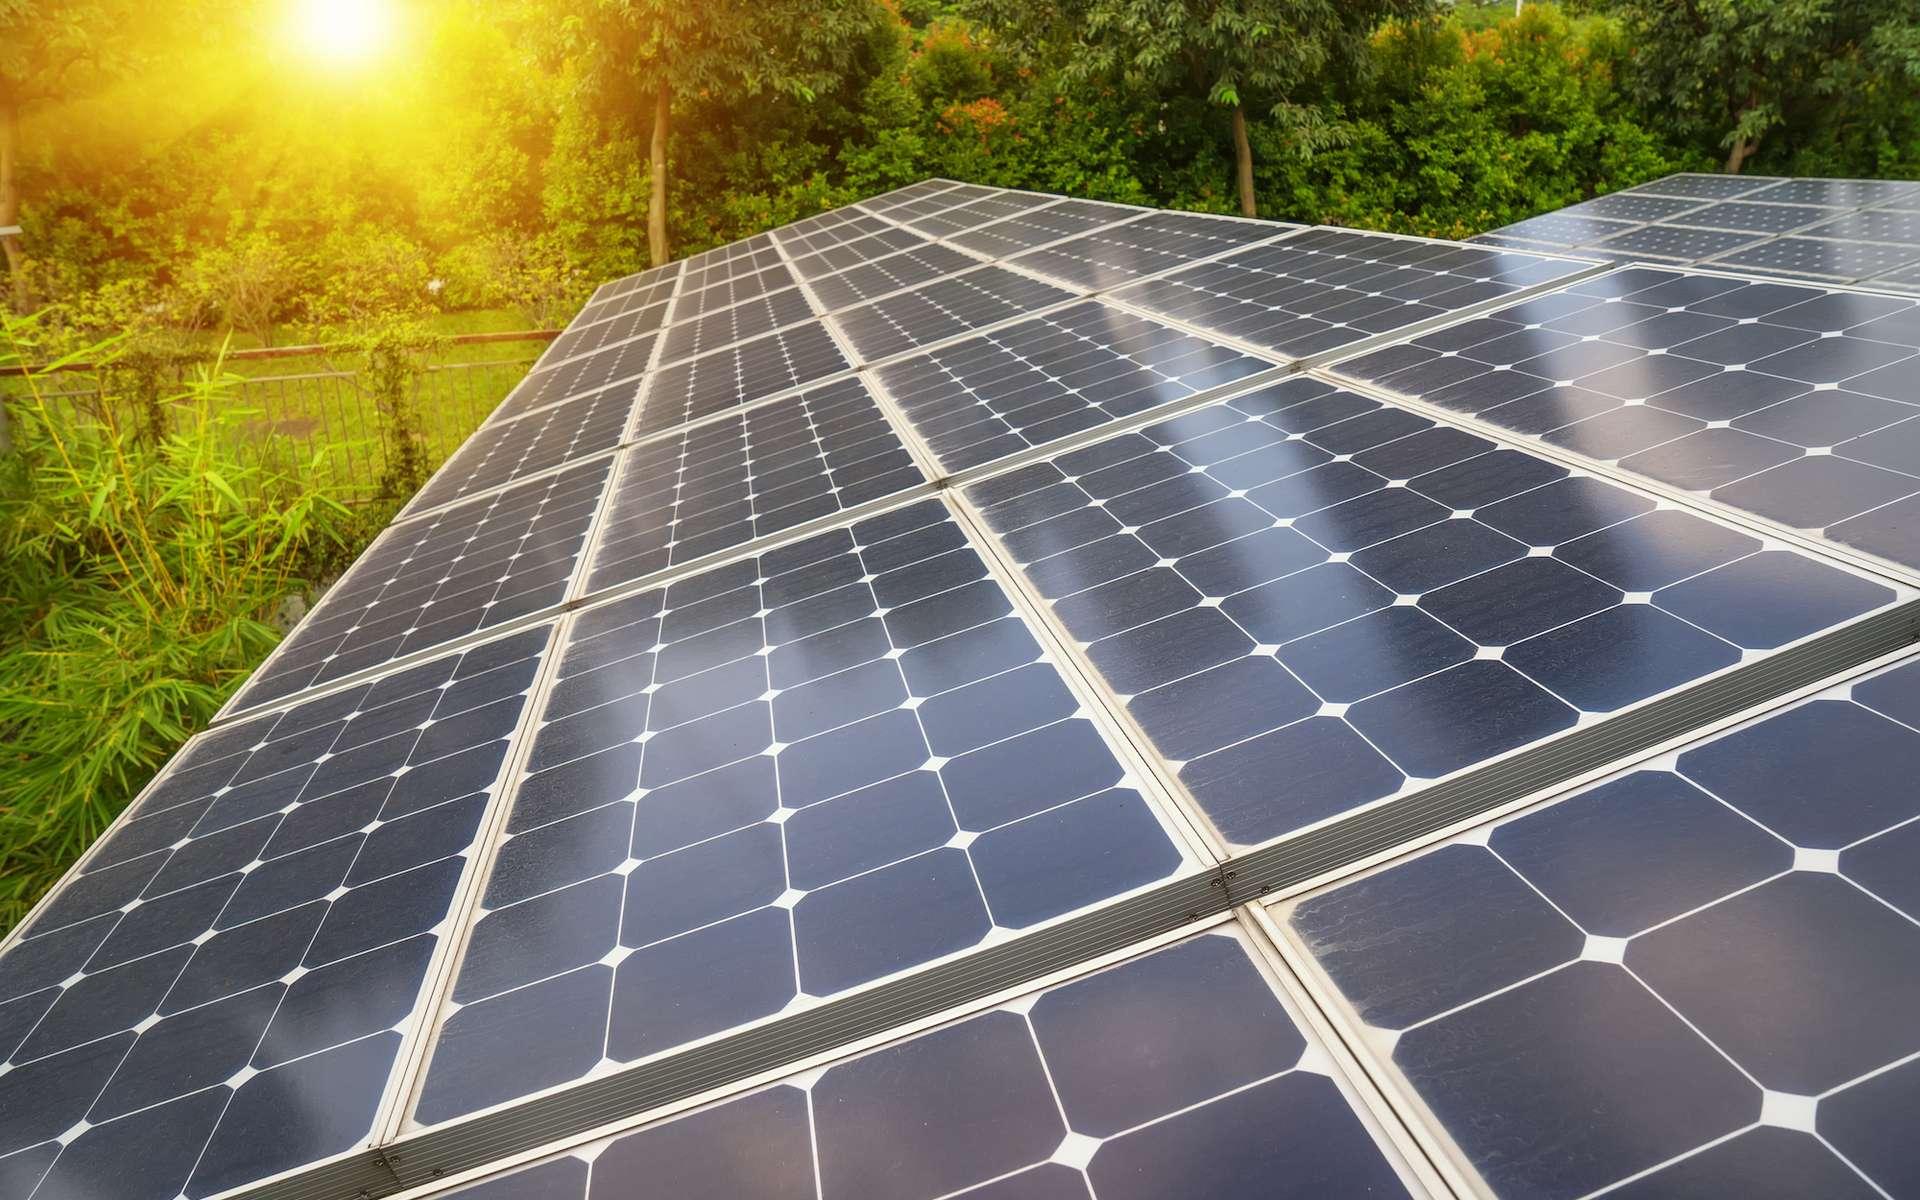 Selon des chercheurs, en convertissant la chaleur du soleil en rayonnement exploitable par les panneaux photovoltaïques à l'aide de cristaux nanophotoniques et de nanotubes de carbone, il serait possible de multiplier par deux leur efficacité. © asharkyu, Shutterstock